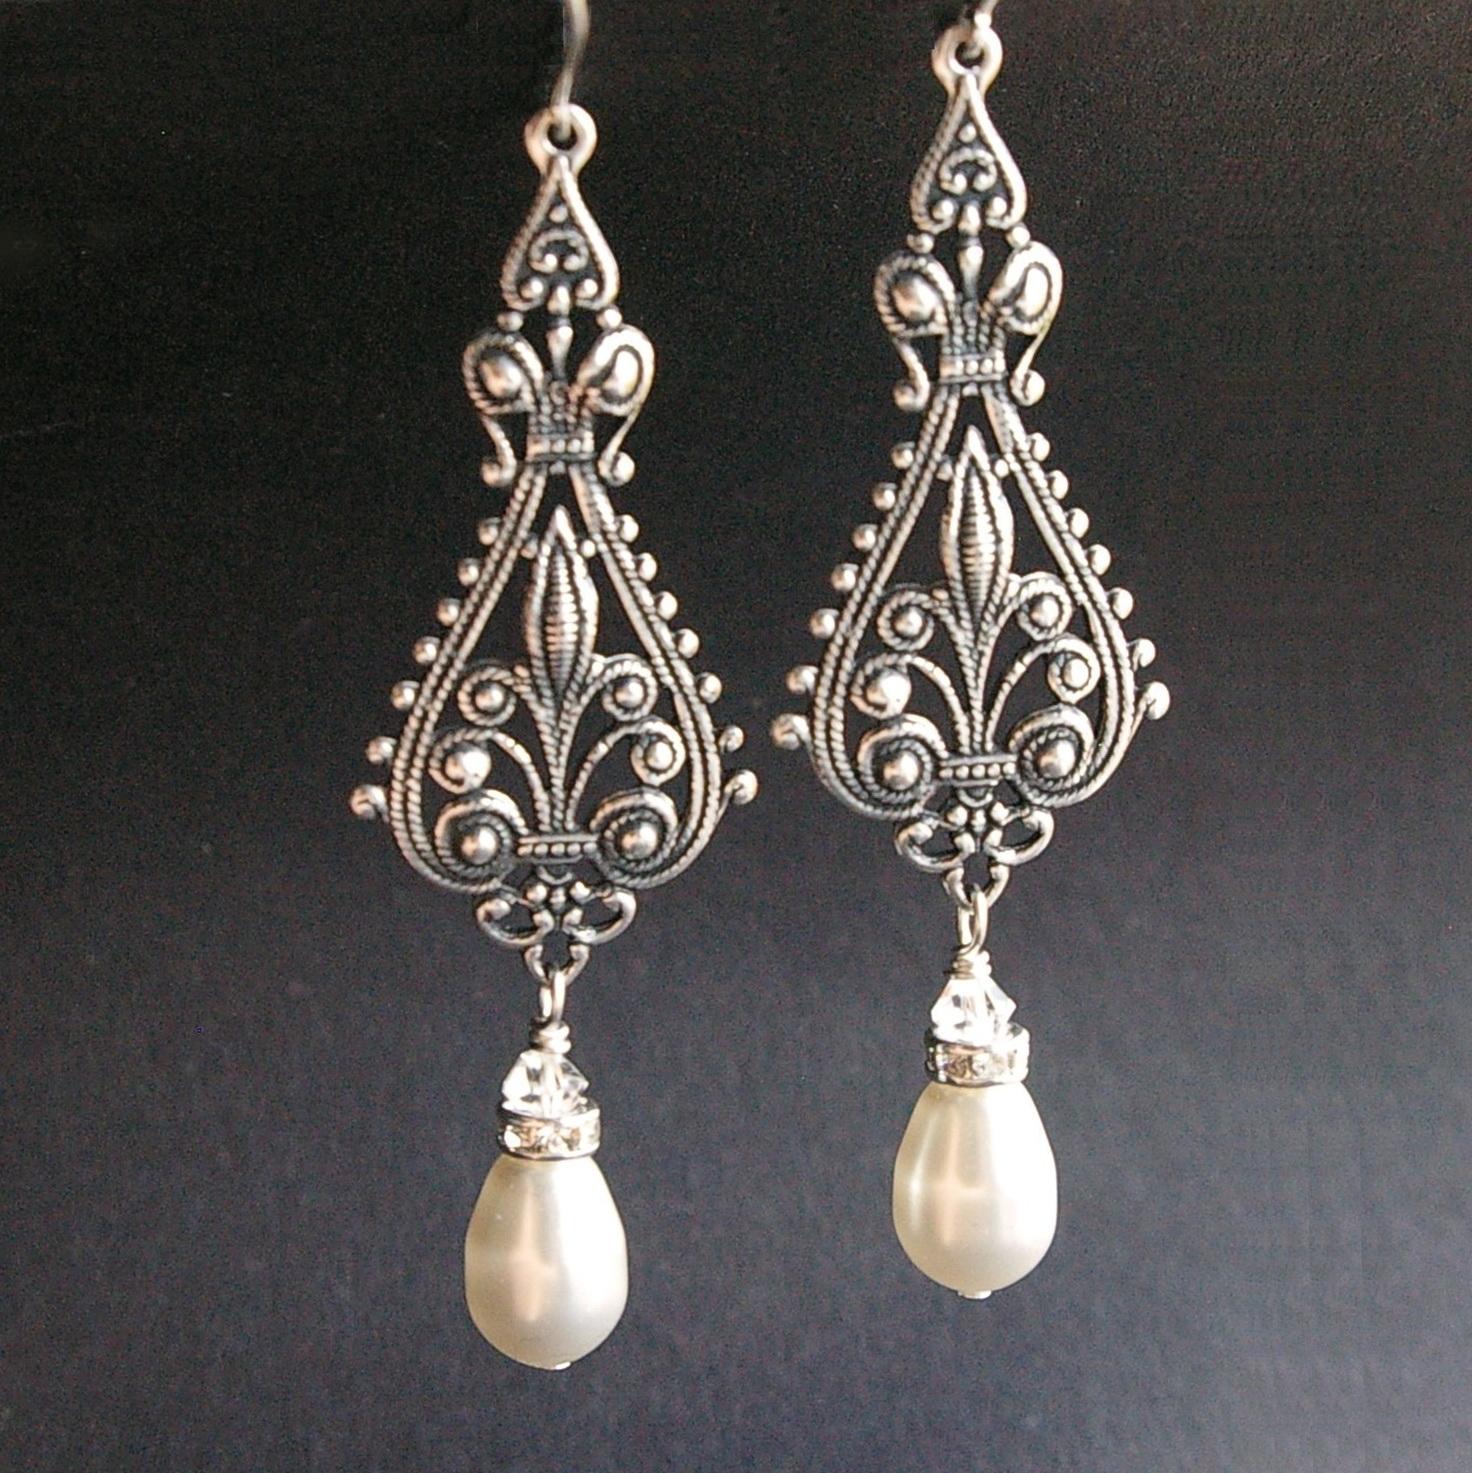 Antique Silver Chandelier Earrings